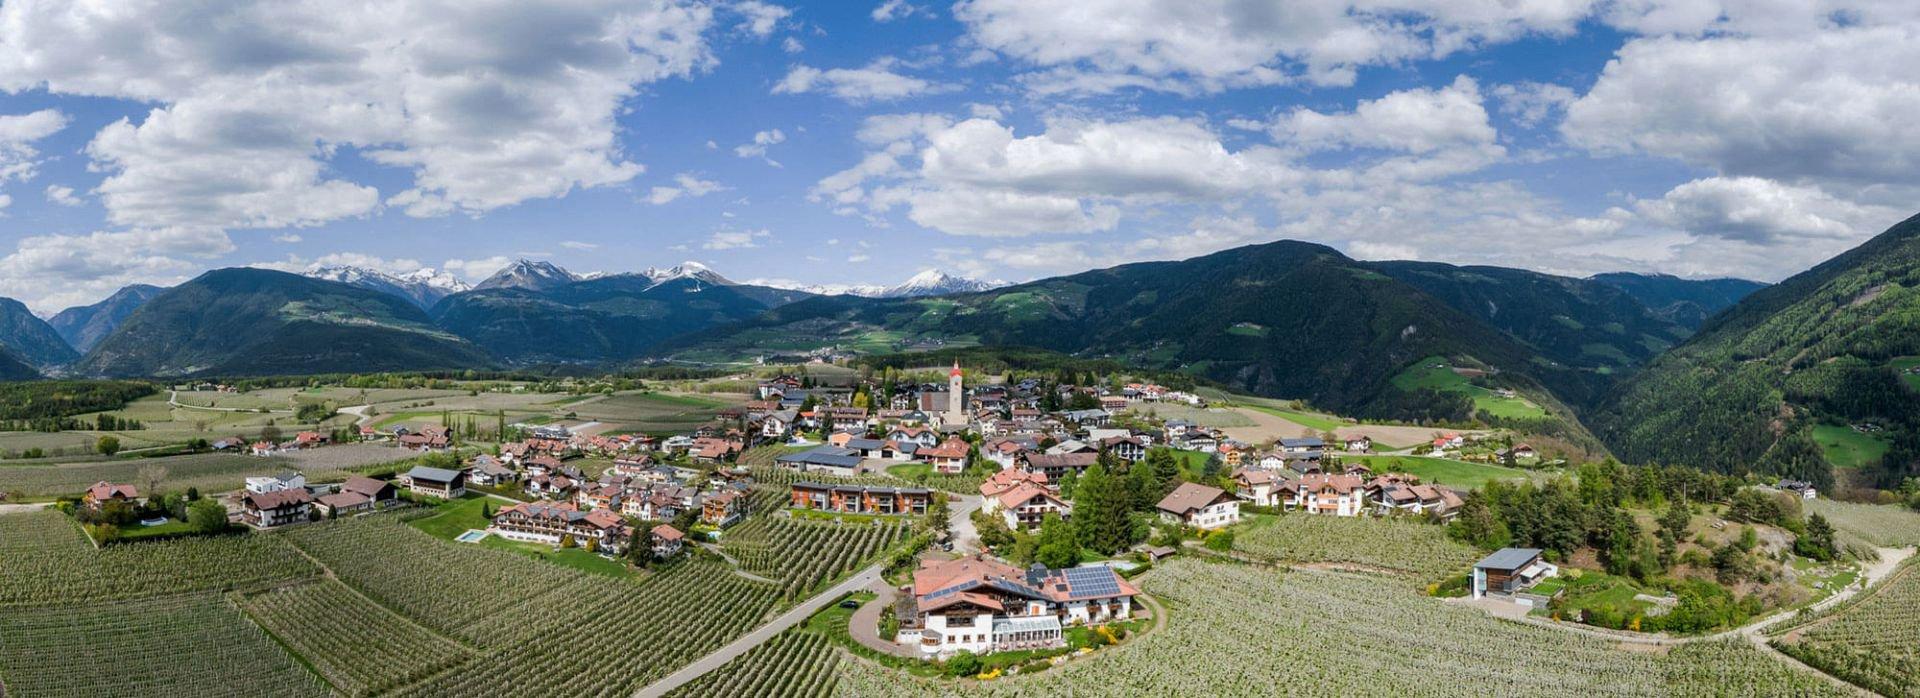 Gasthof Anich - country inn in South Tyrol